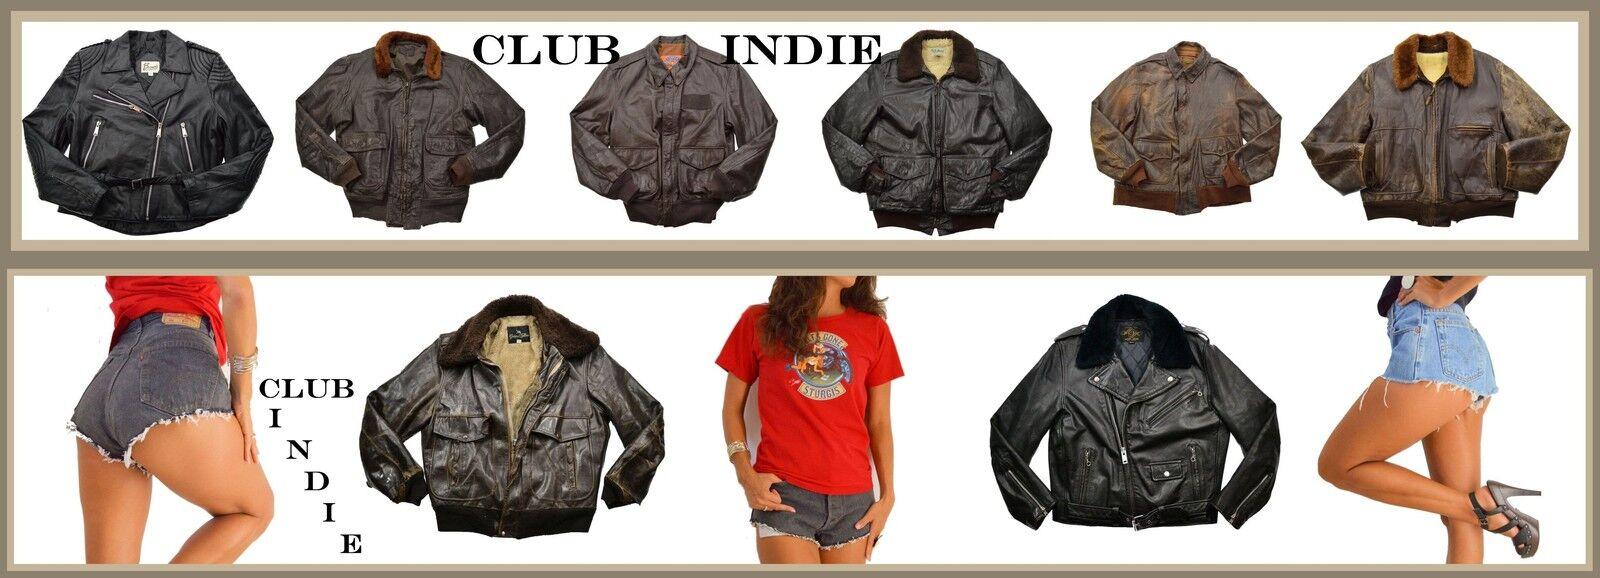 Club Indie Leathers